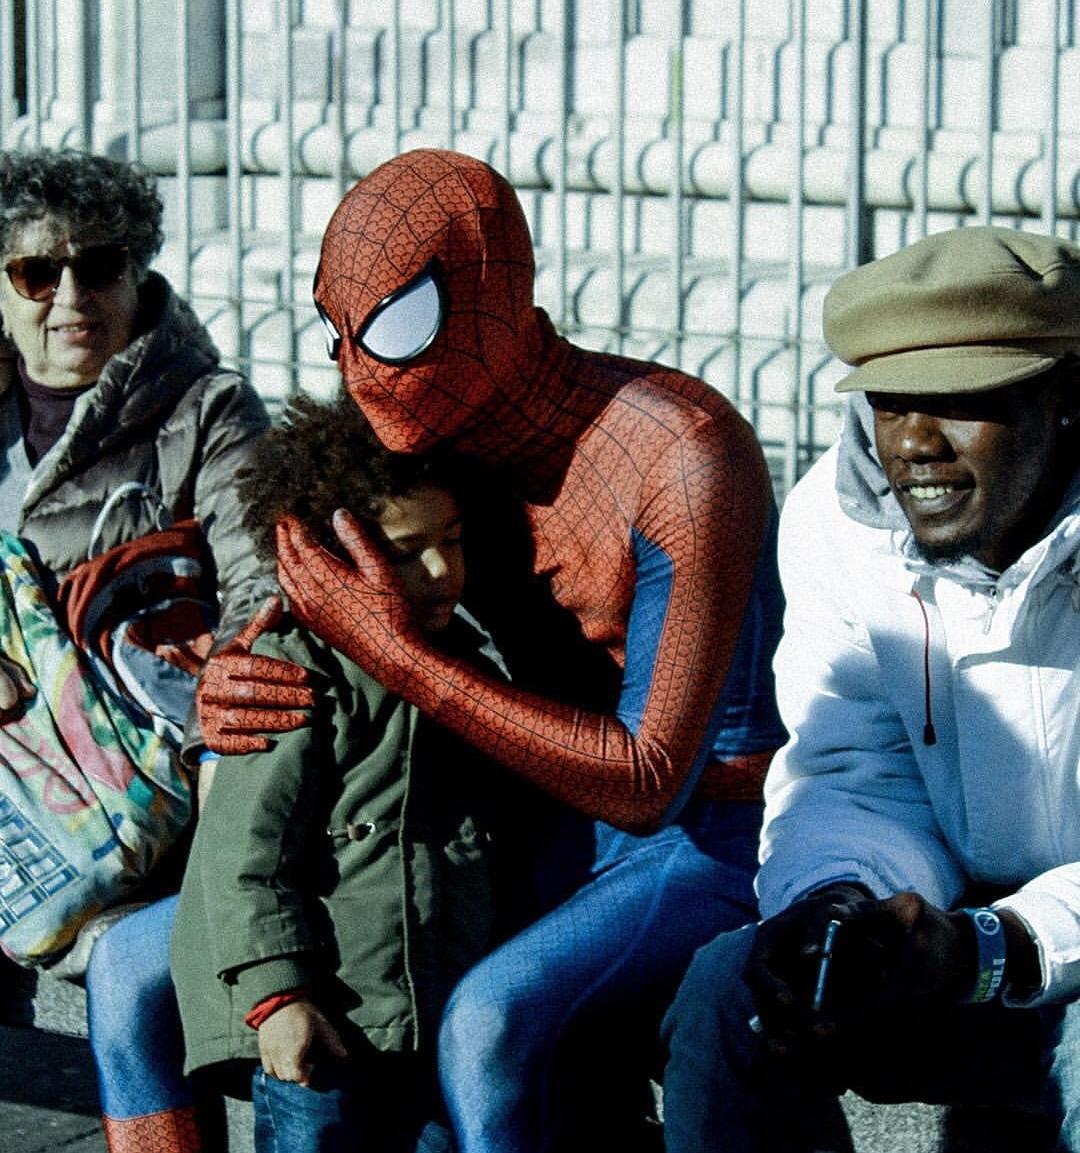 Photo of Napoli. Spiderman napoletano arriva in città: un supereroe per combattere razzismo e ingiustizie